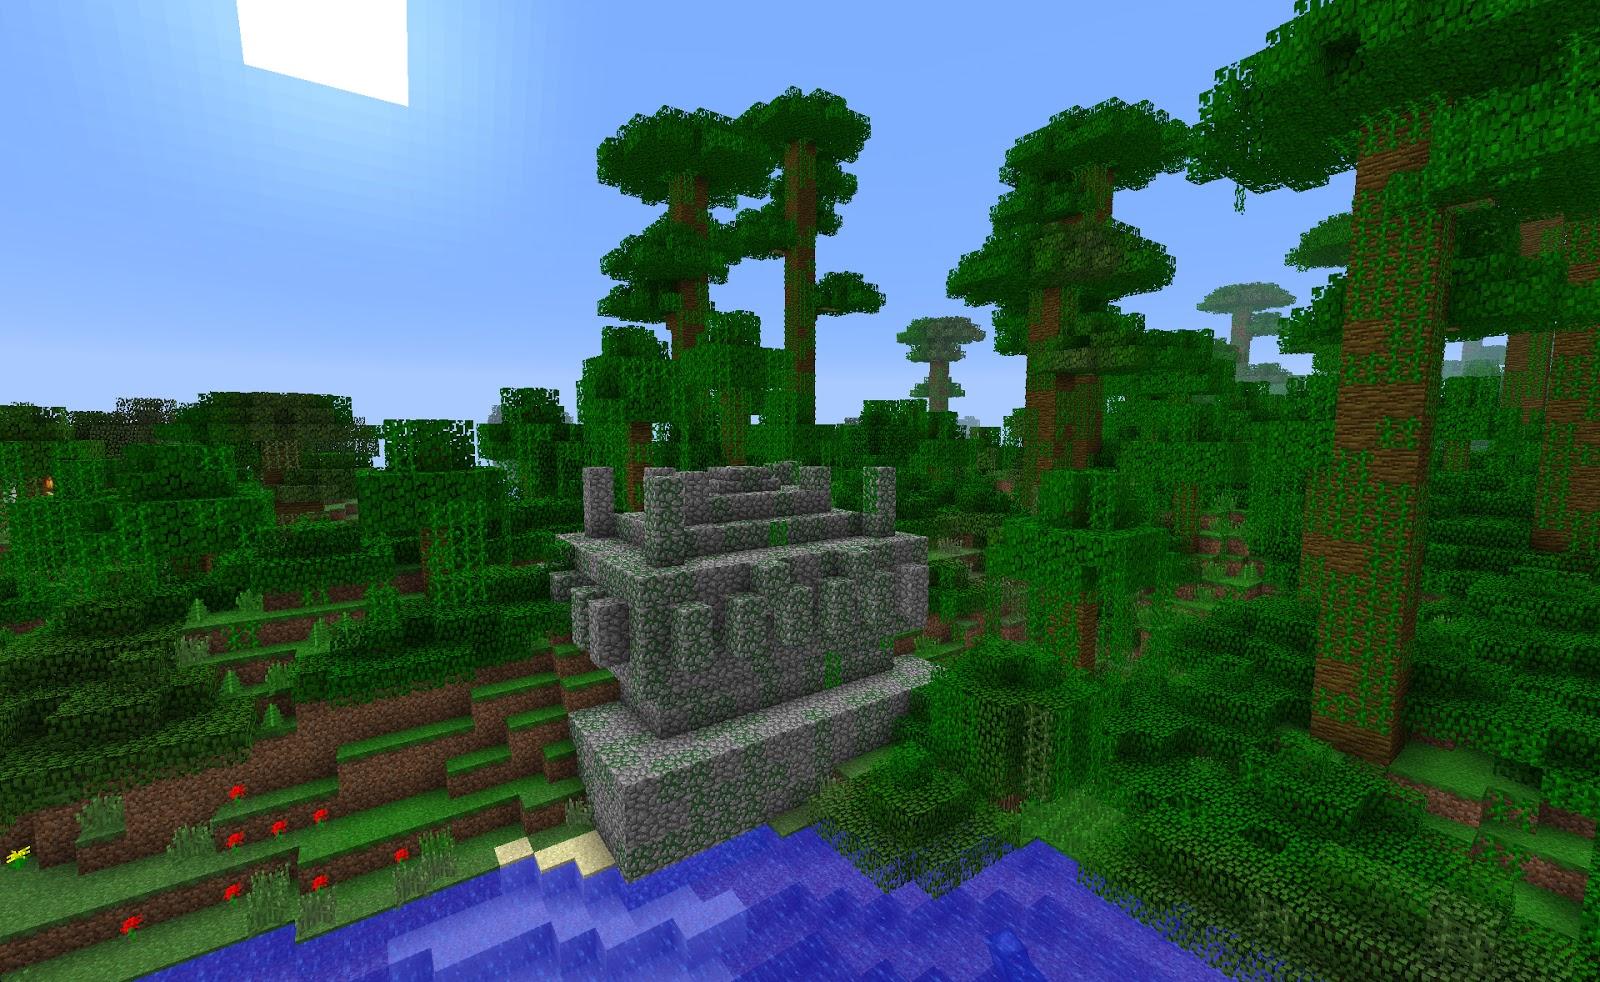 майнкрафт 1 9 0 ключ для генирації світу джунгли #5